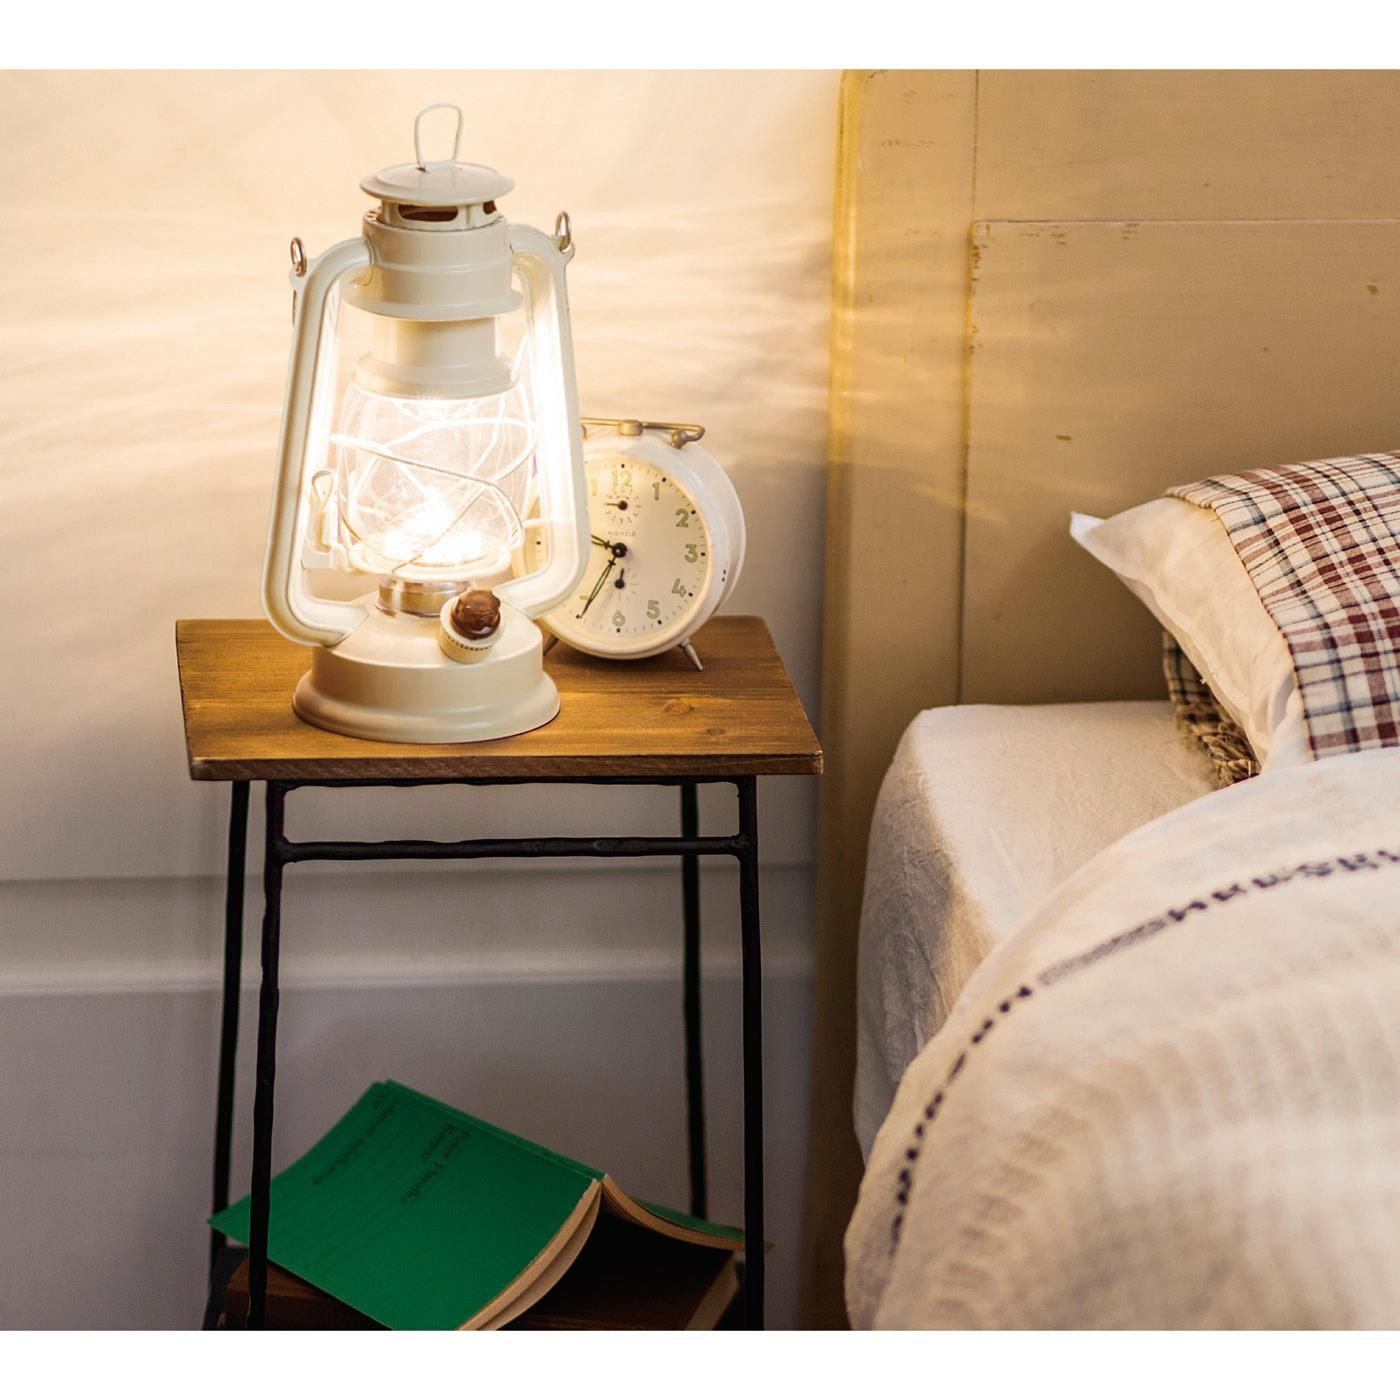 ベッドサイドに置けば、間接照明としても活躍します。